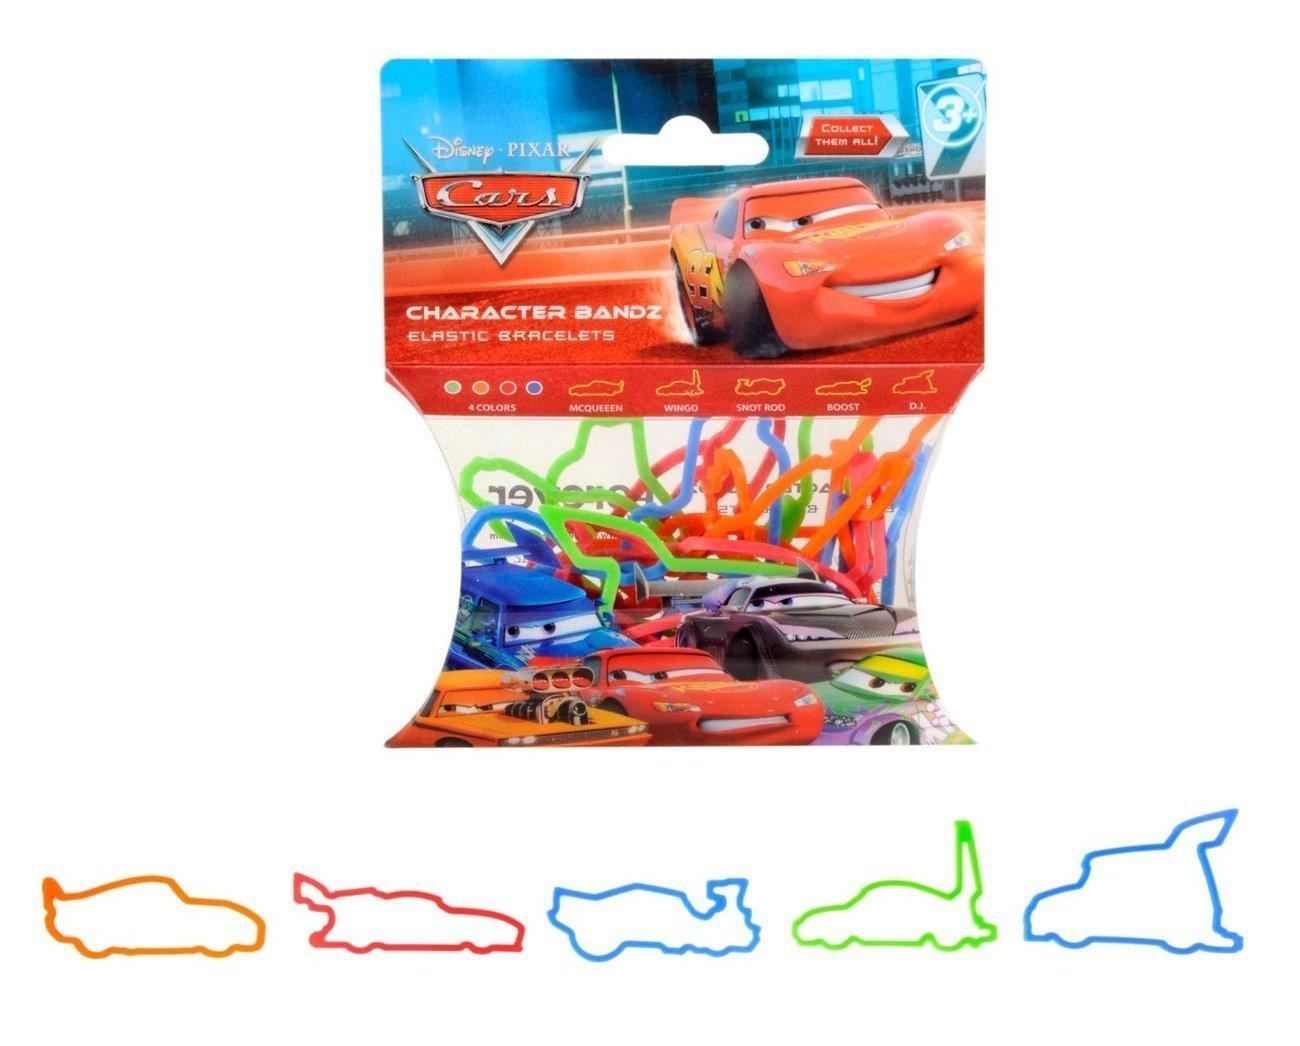 Disney cars bandz